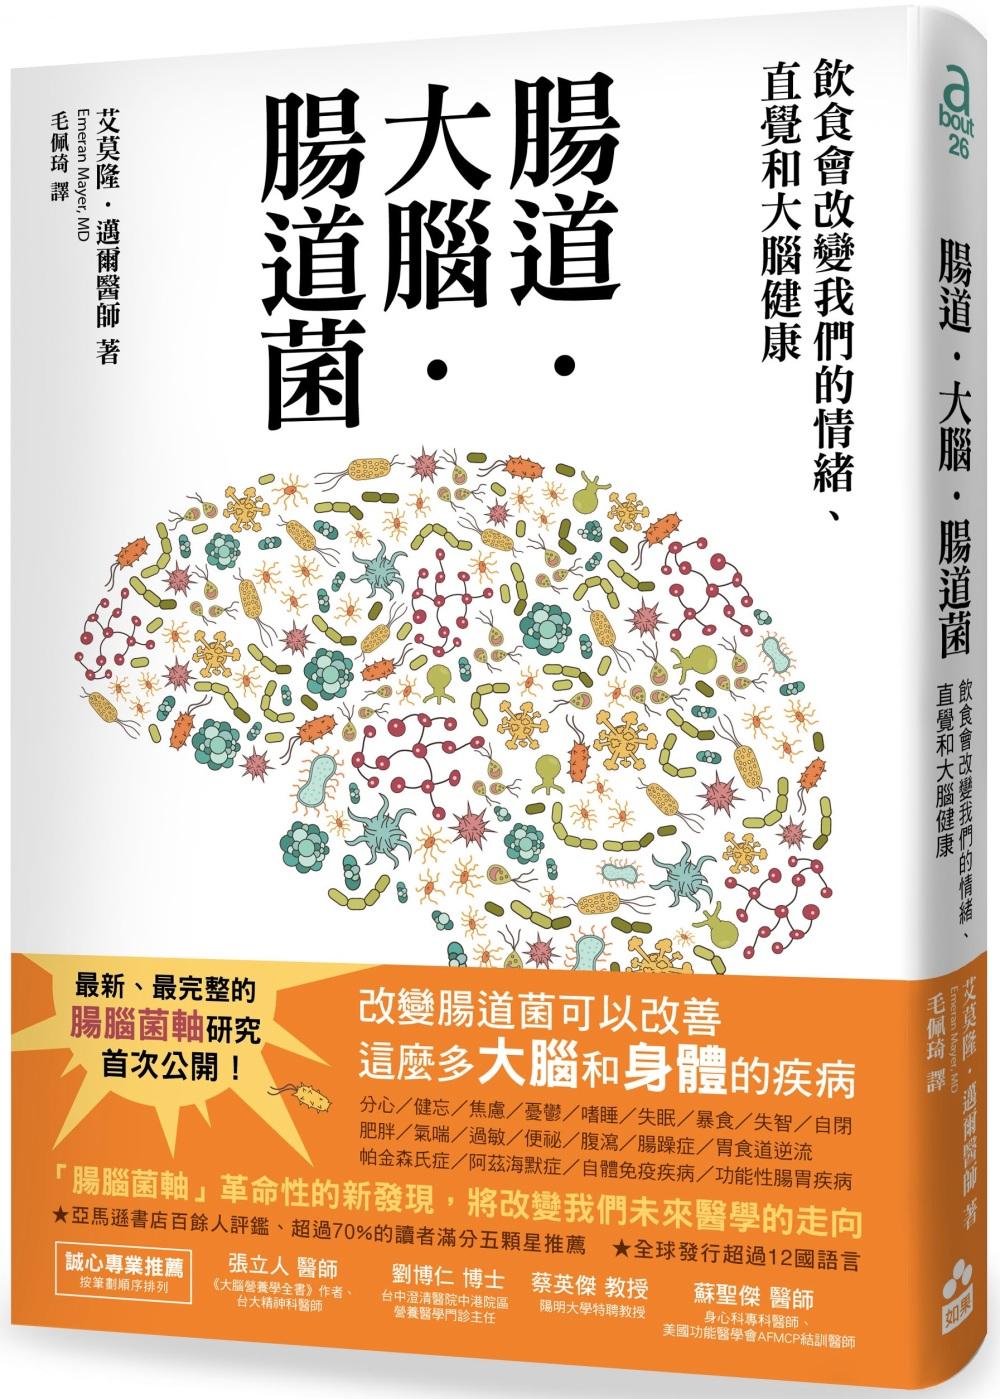 腸道.大腦.腸道菌